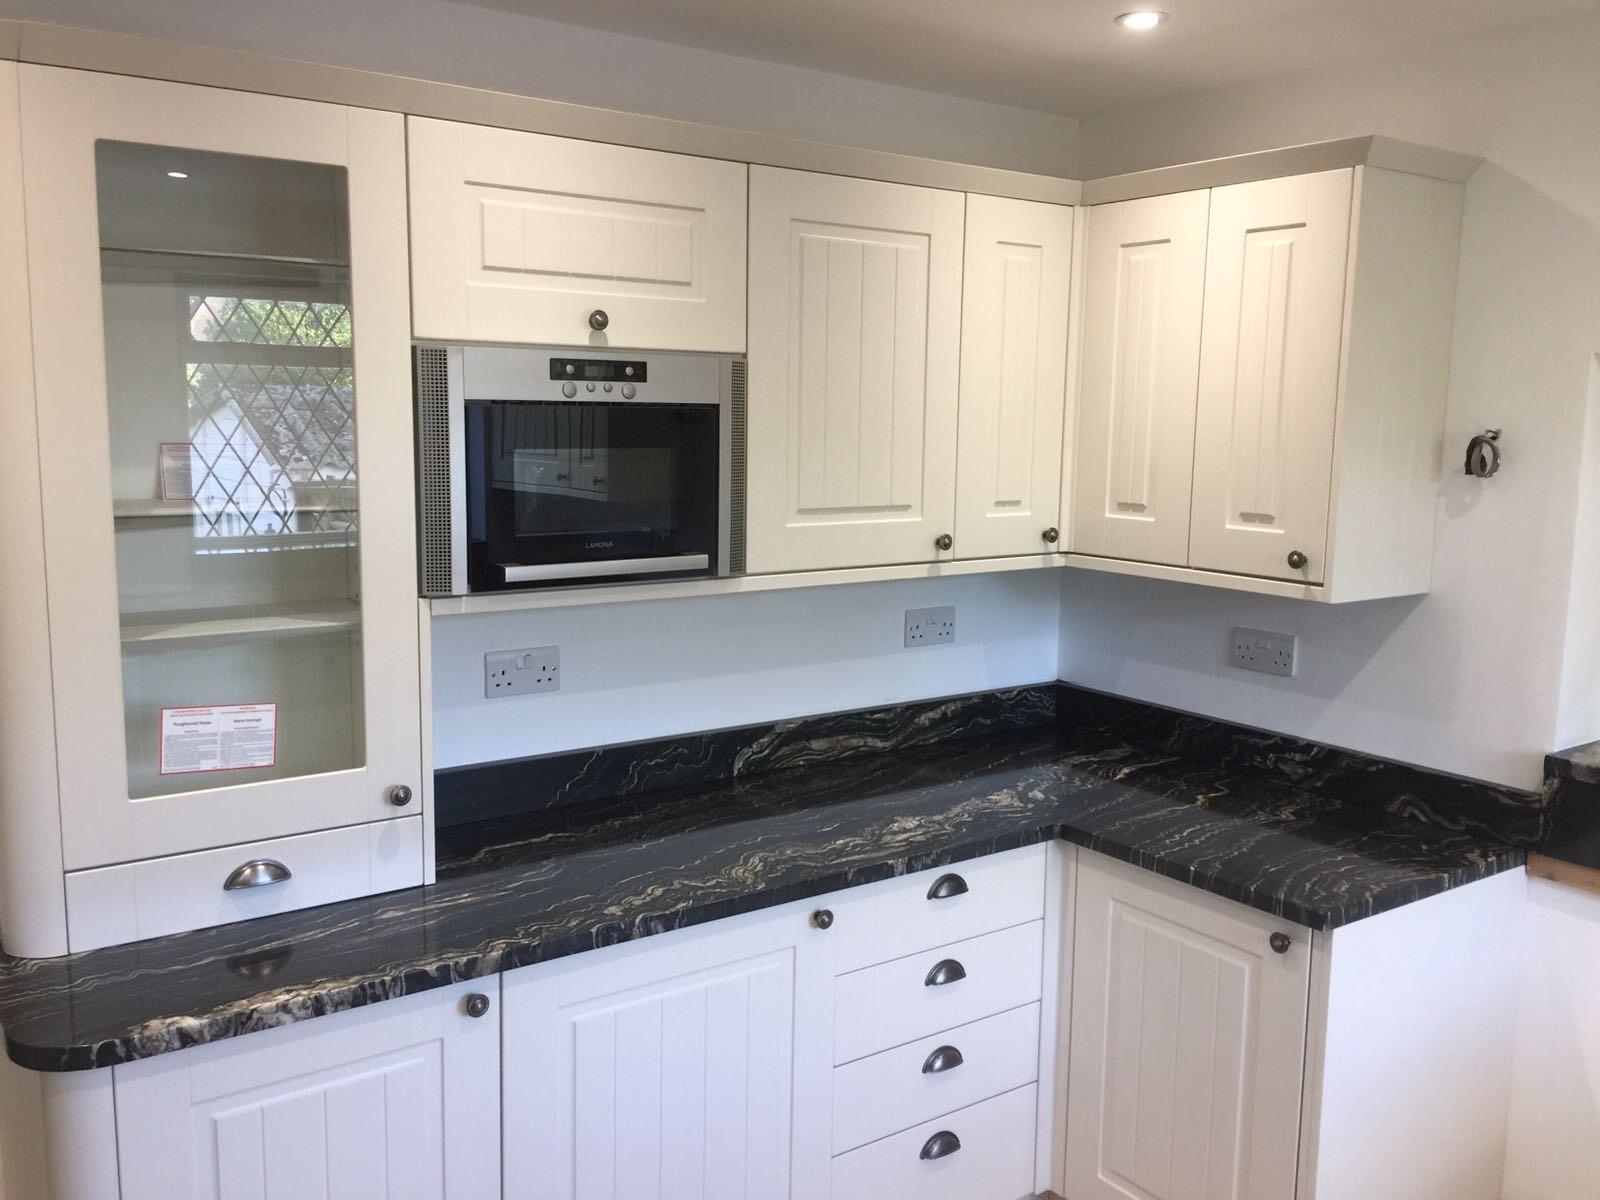 Titatnium Granite kitchen Top (4)